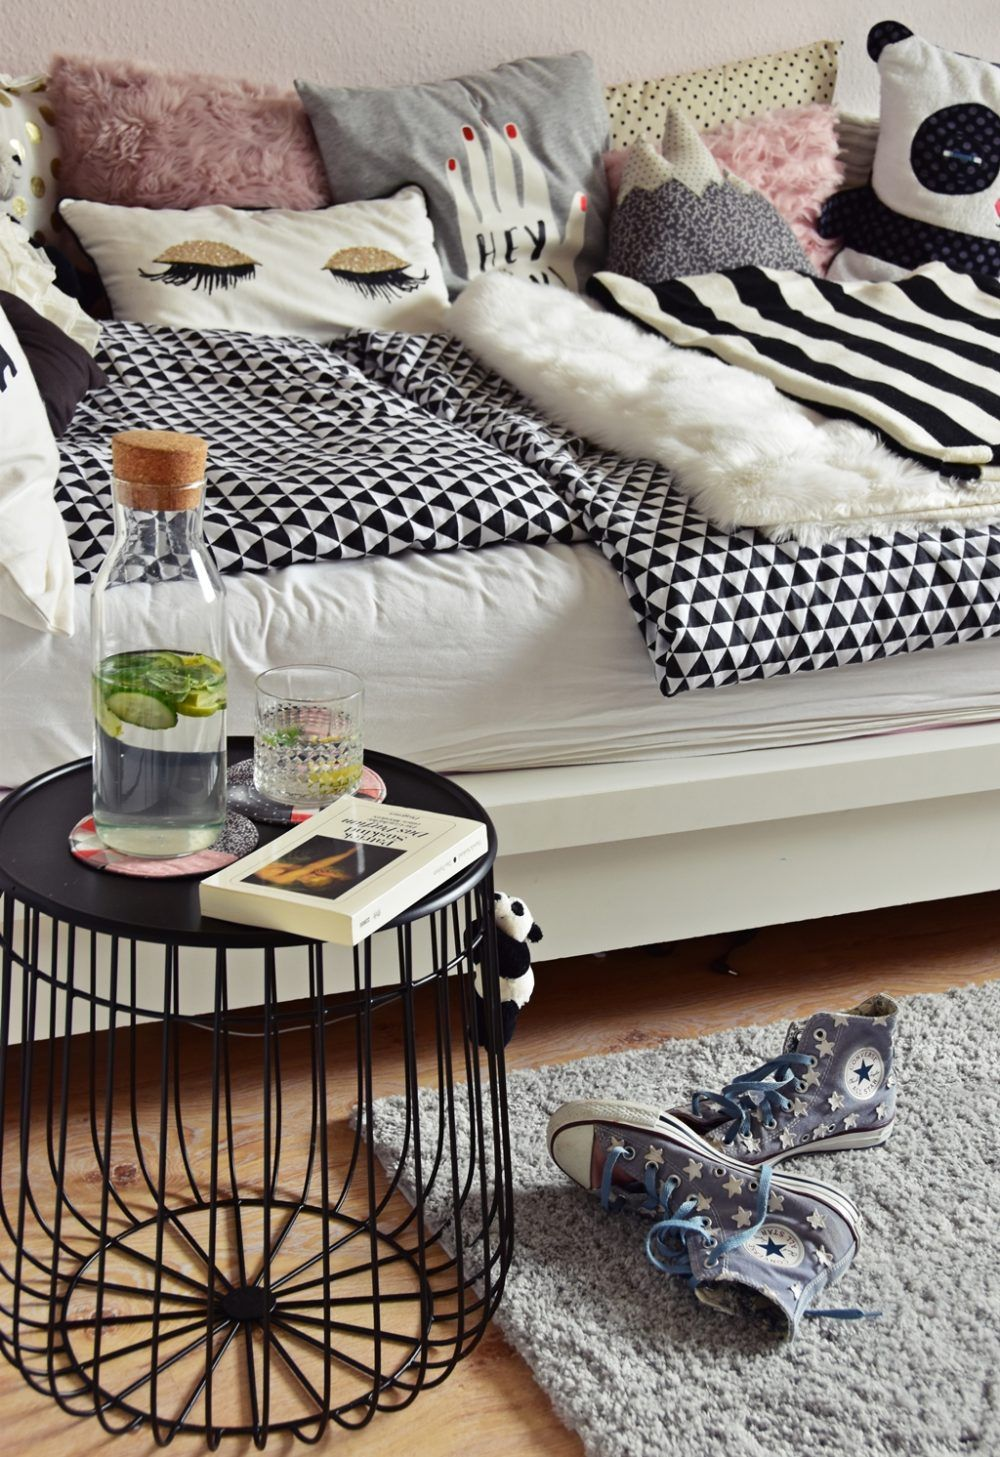 Full Size of Pin Auf Home Sweet Romantische Schlafzimmer Hängeschrank Wohnzimmer Deckenlampen Modern Badezimmer Decken Tapeten Joop Komplett Günstig Deckenleuchte Wohnzimmer Zimmer Teenager